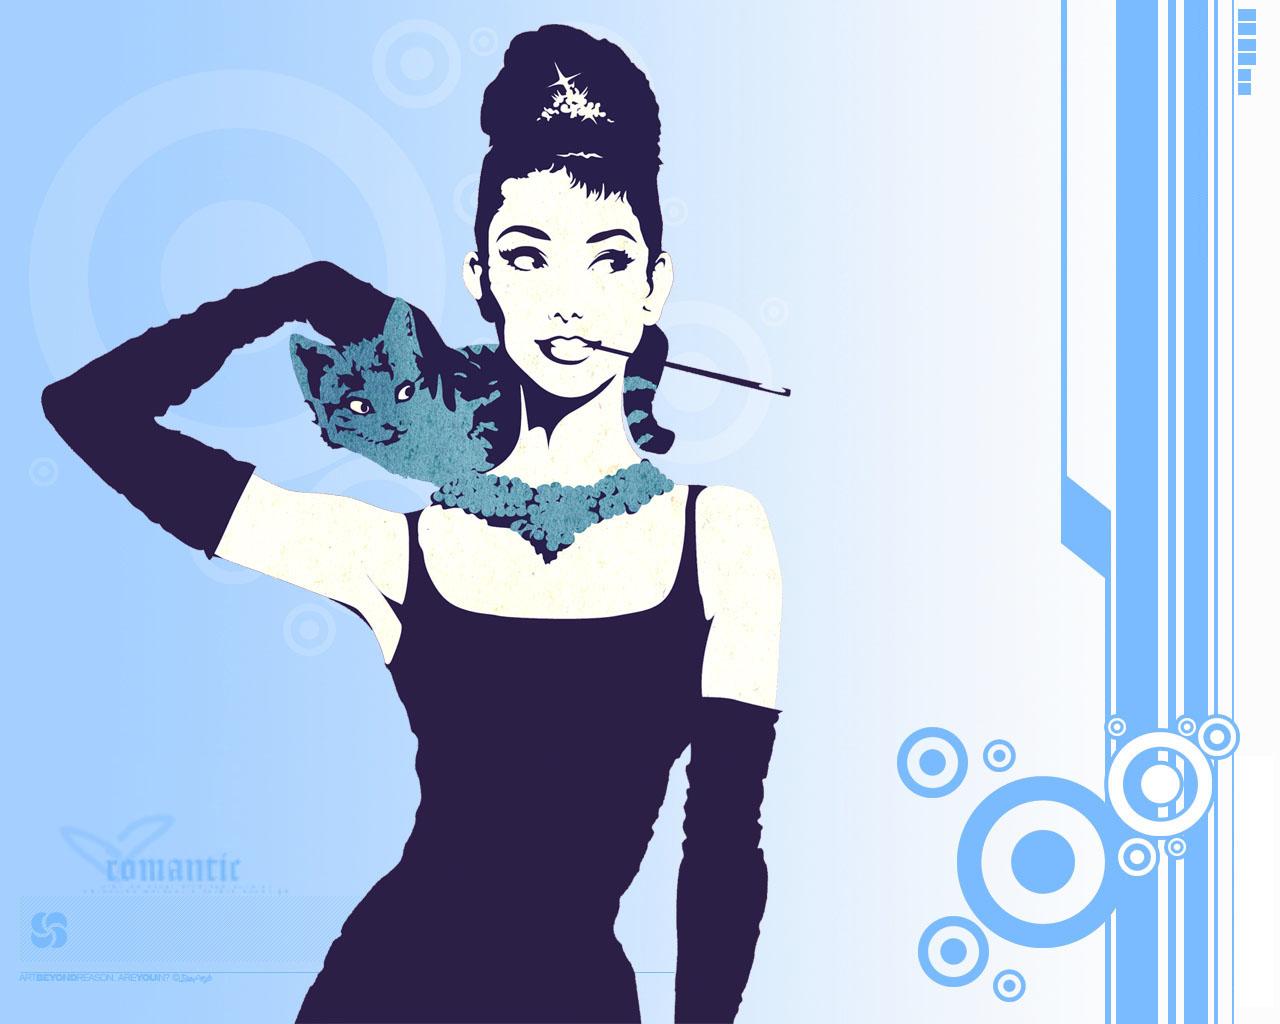 Audrey Hepburn Wallpaper 1280x1024 Audrey Hepburn 1280x1024